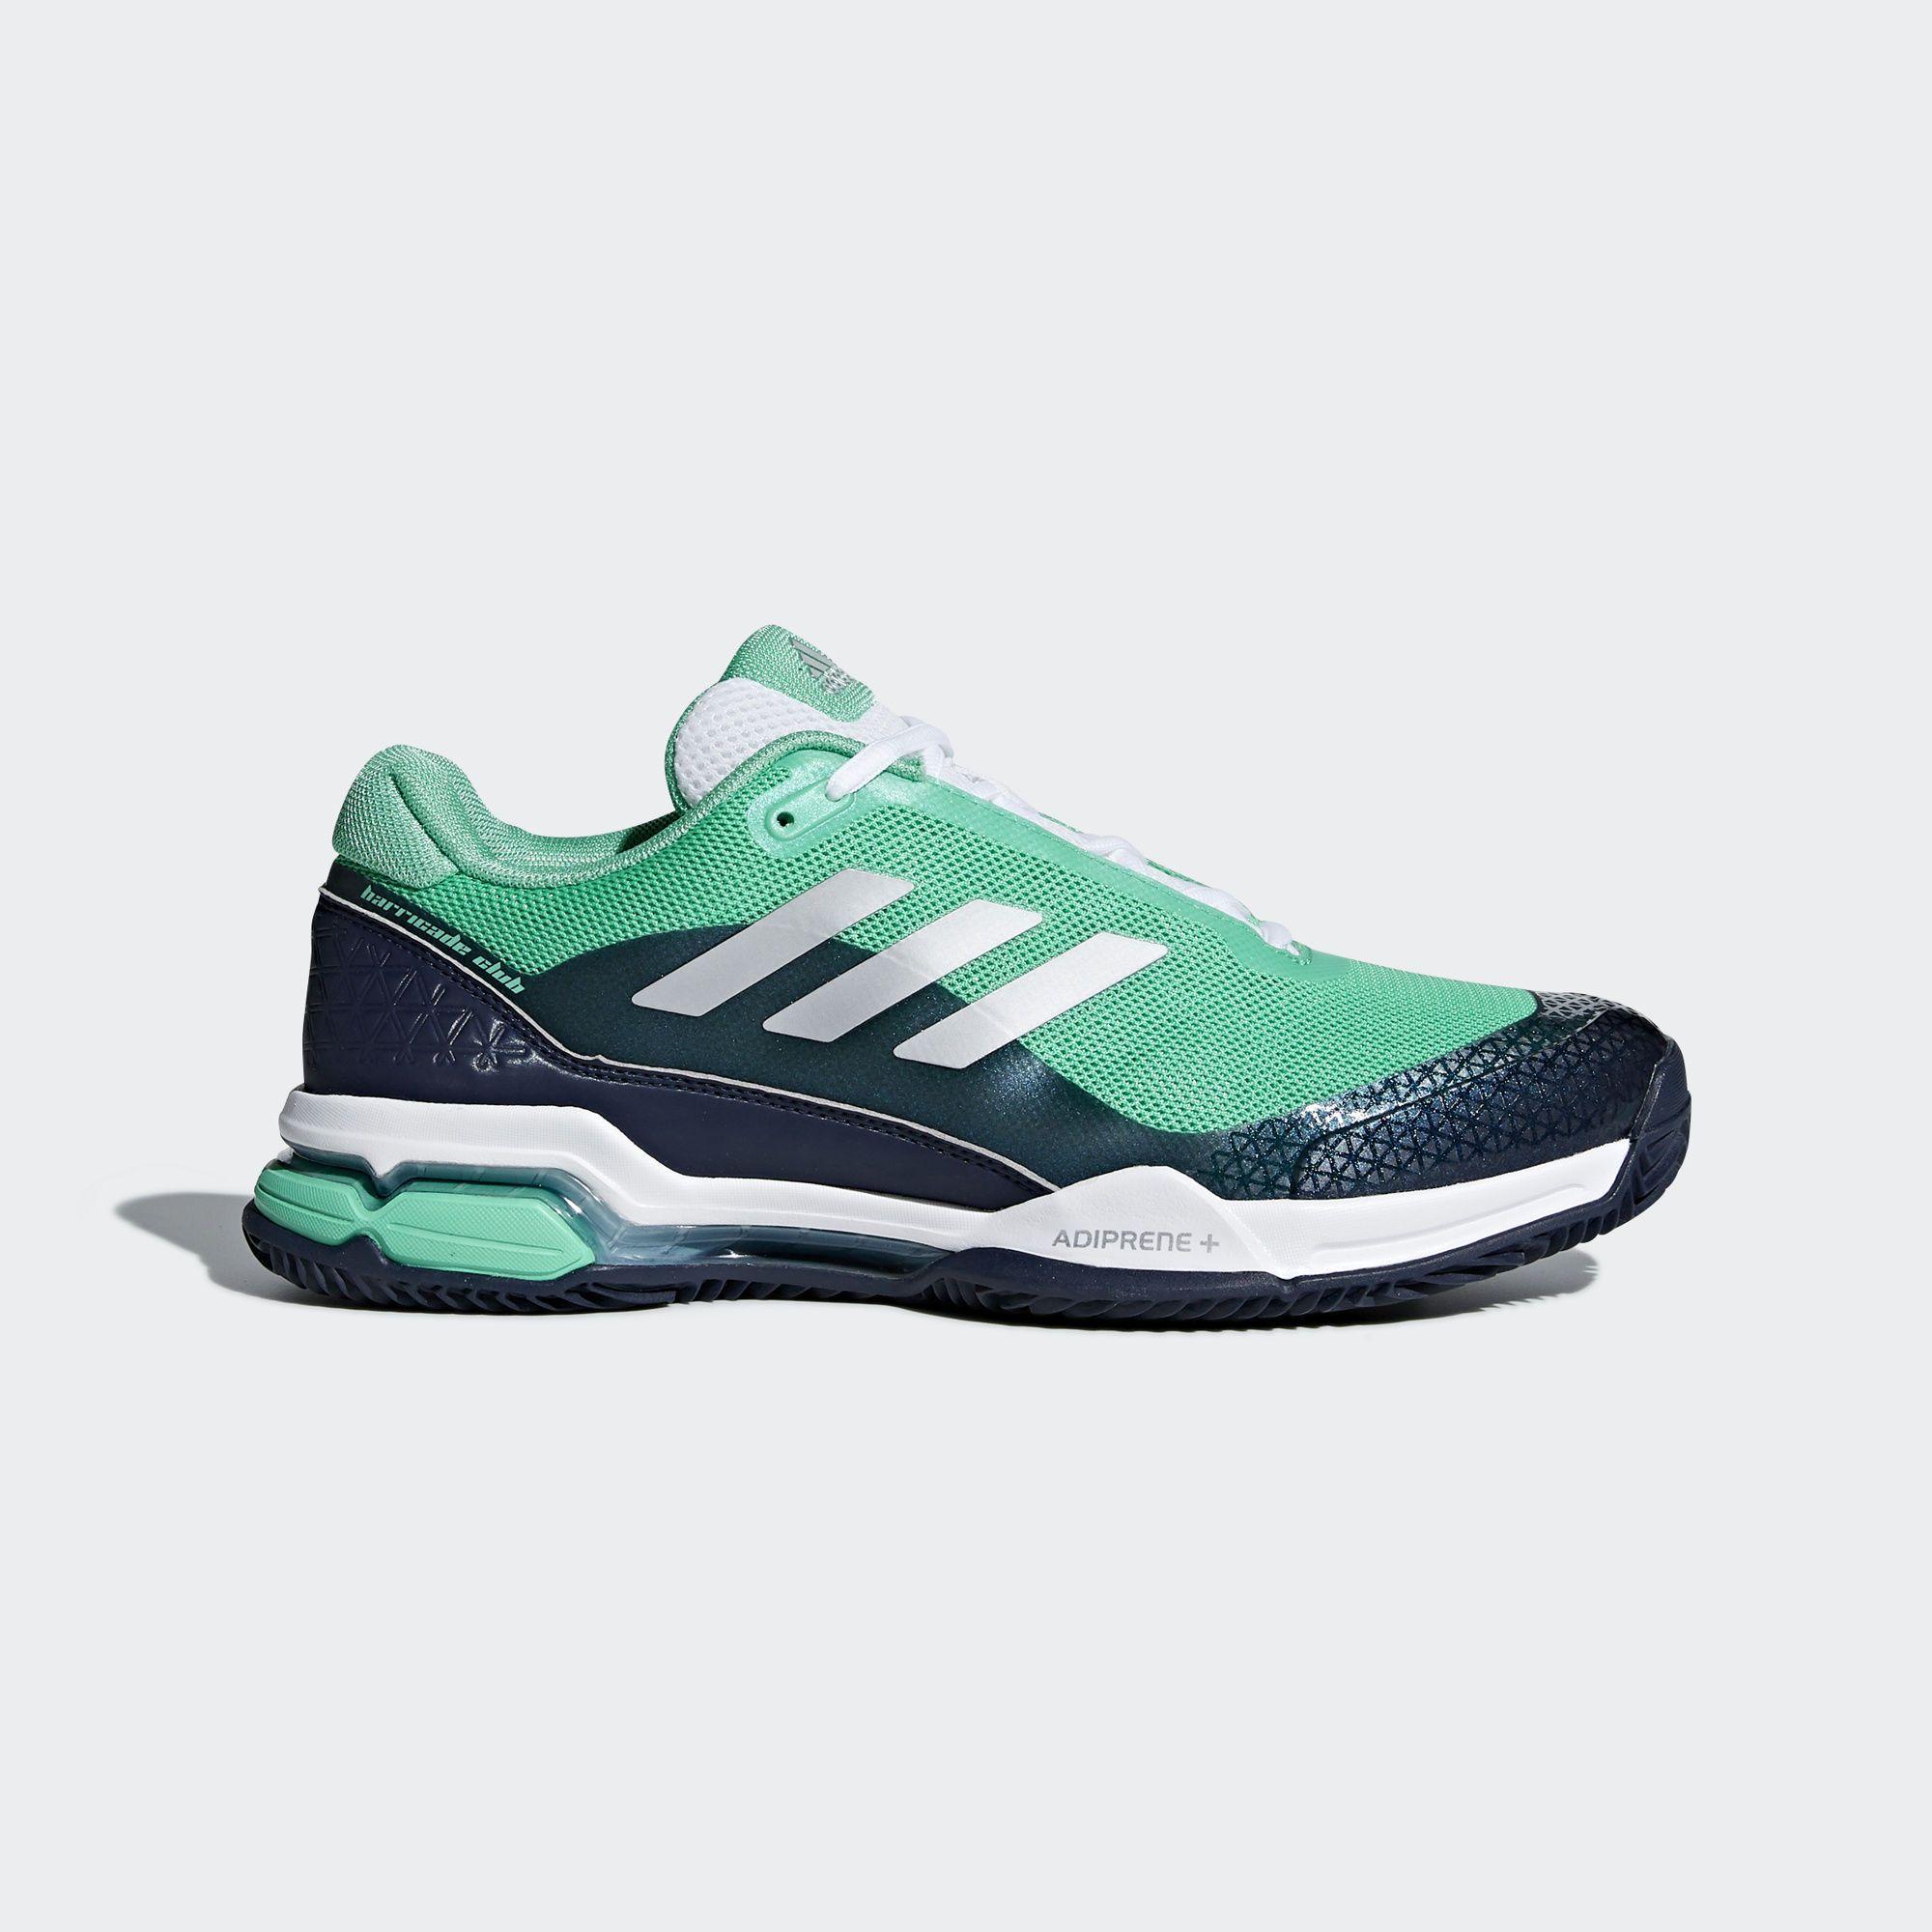 d161c023d09 Zapatilla Barricade Club - Verde en adidas.es! Descubre todos los estilos y  colores